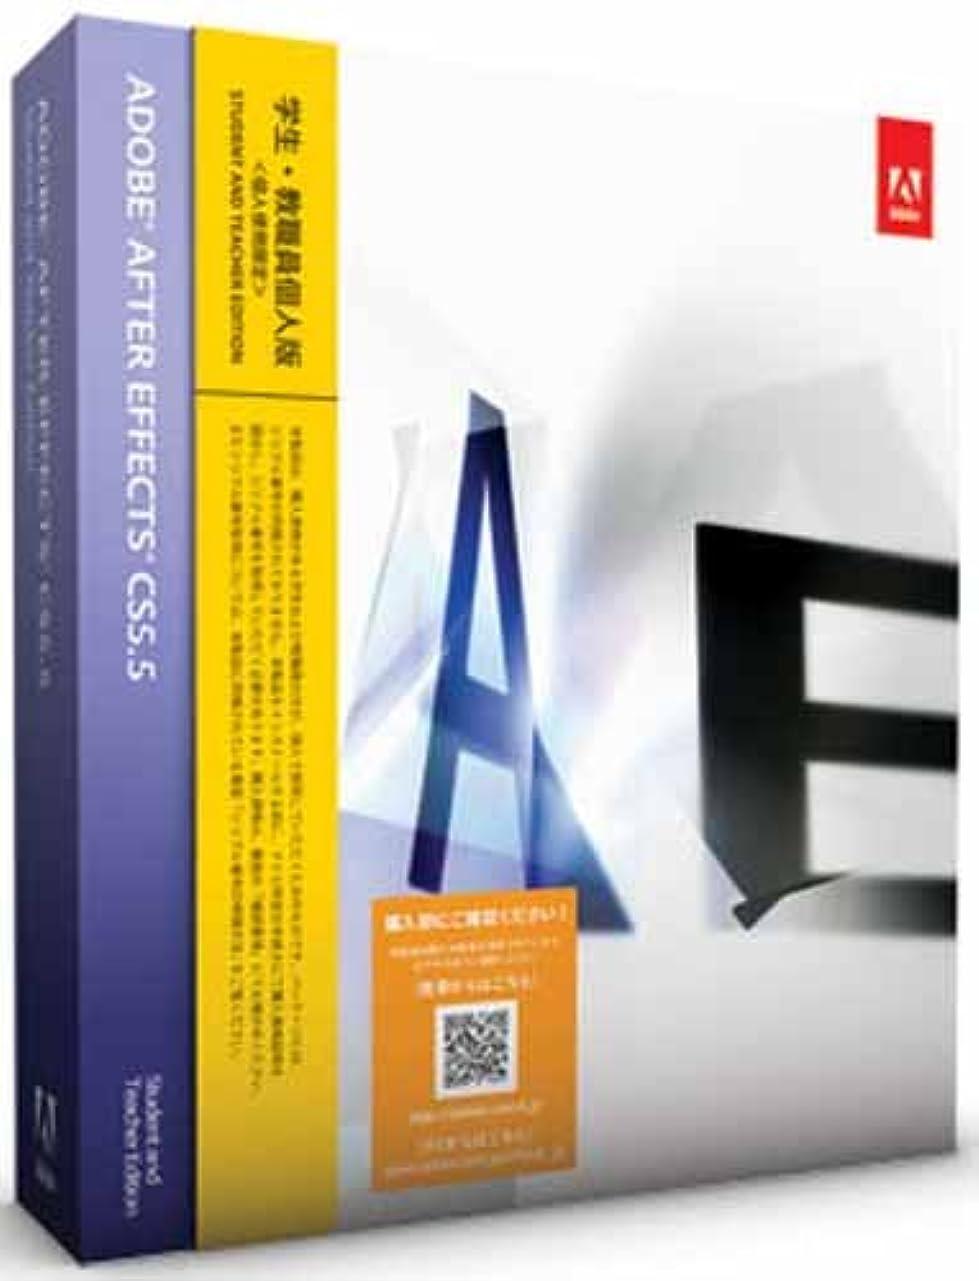 お酒ギャップ鹿学生?教職員個人版 Adobe After Effects CS5.5 Windows版 (要シリアル番号申請)